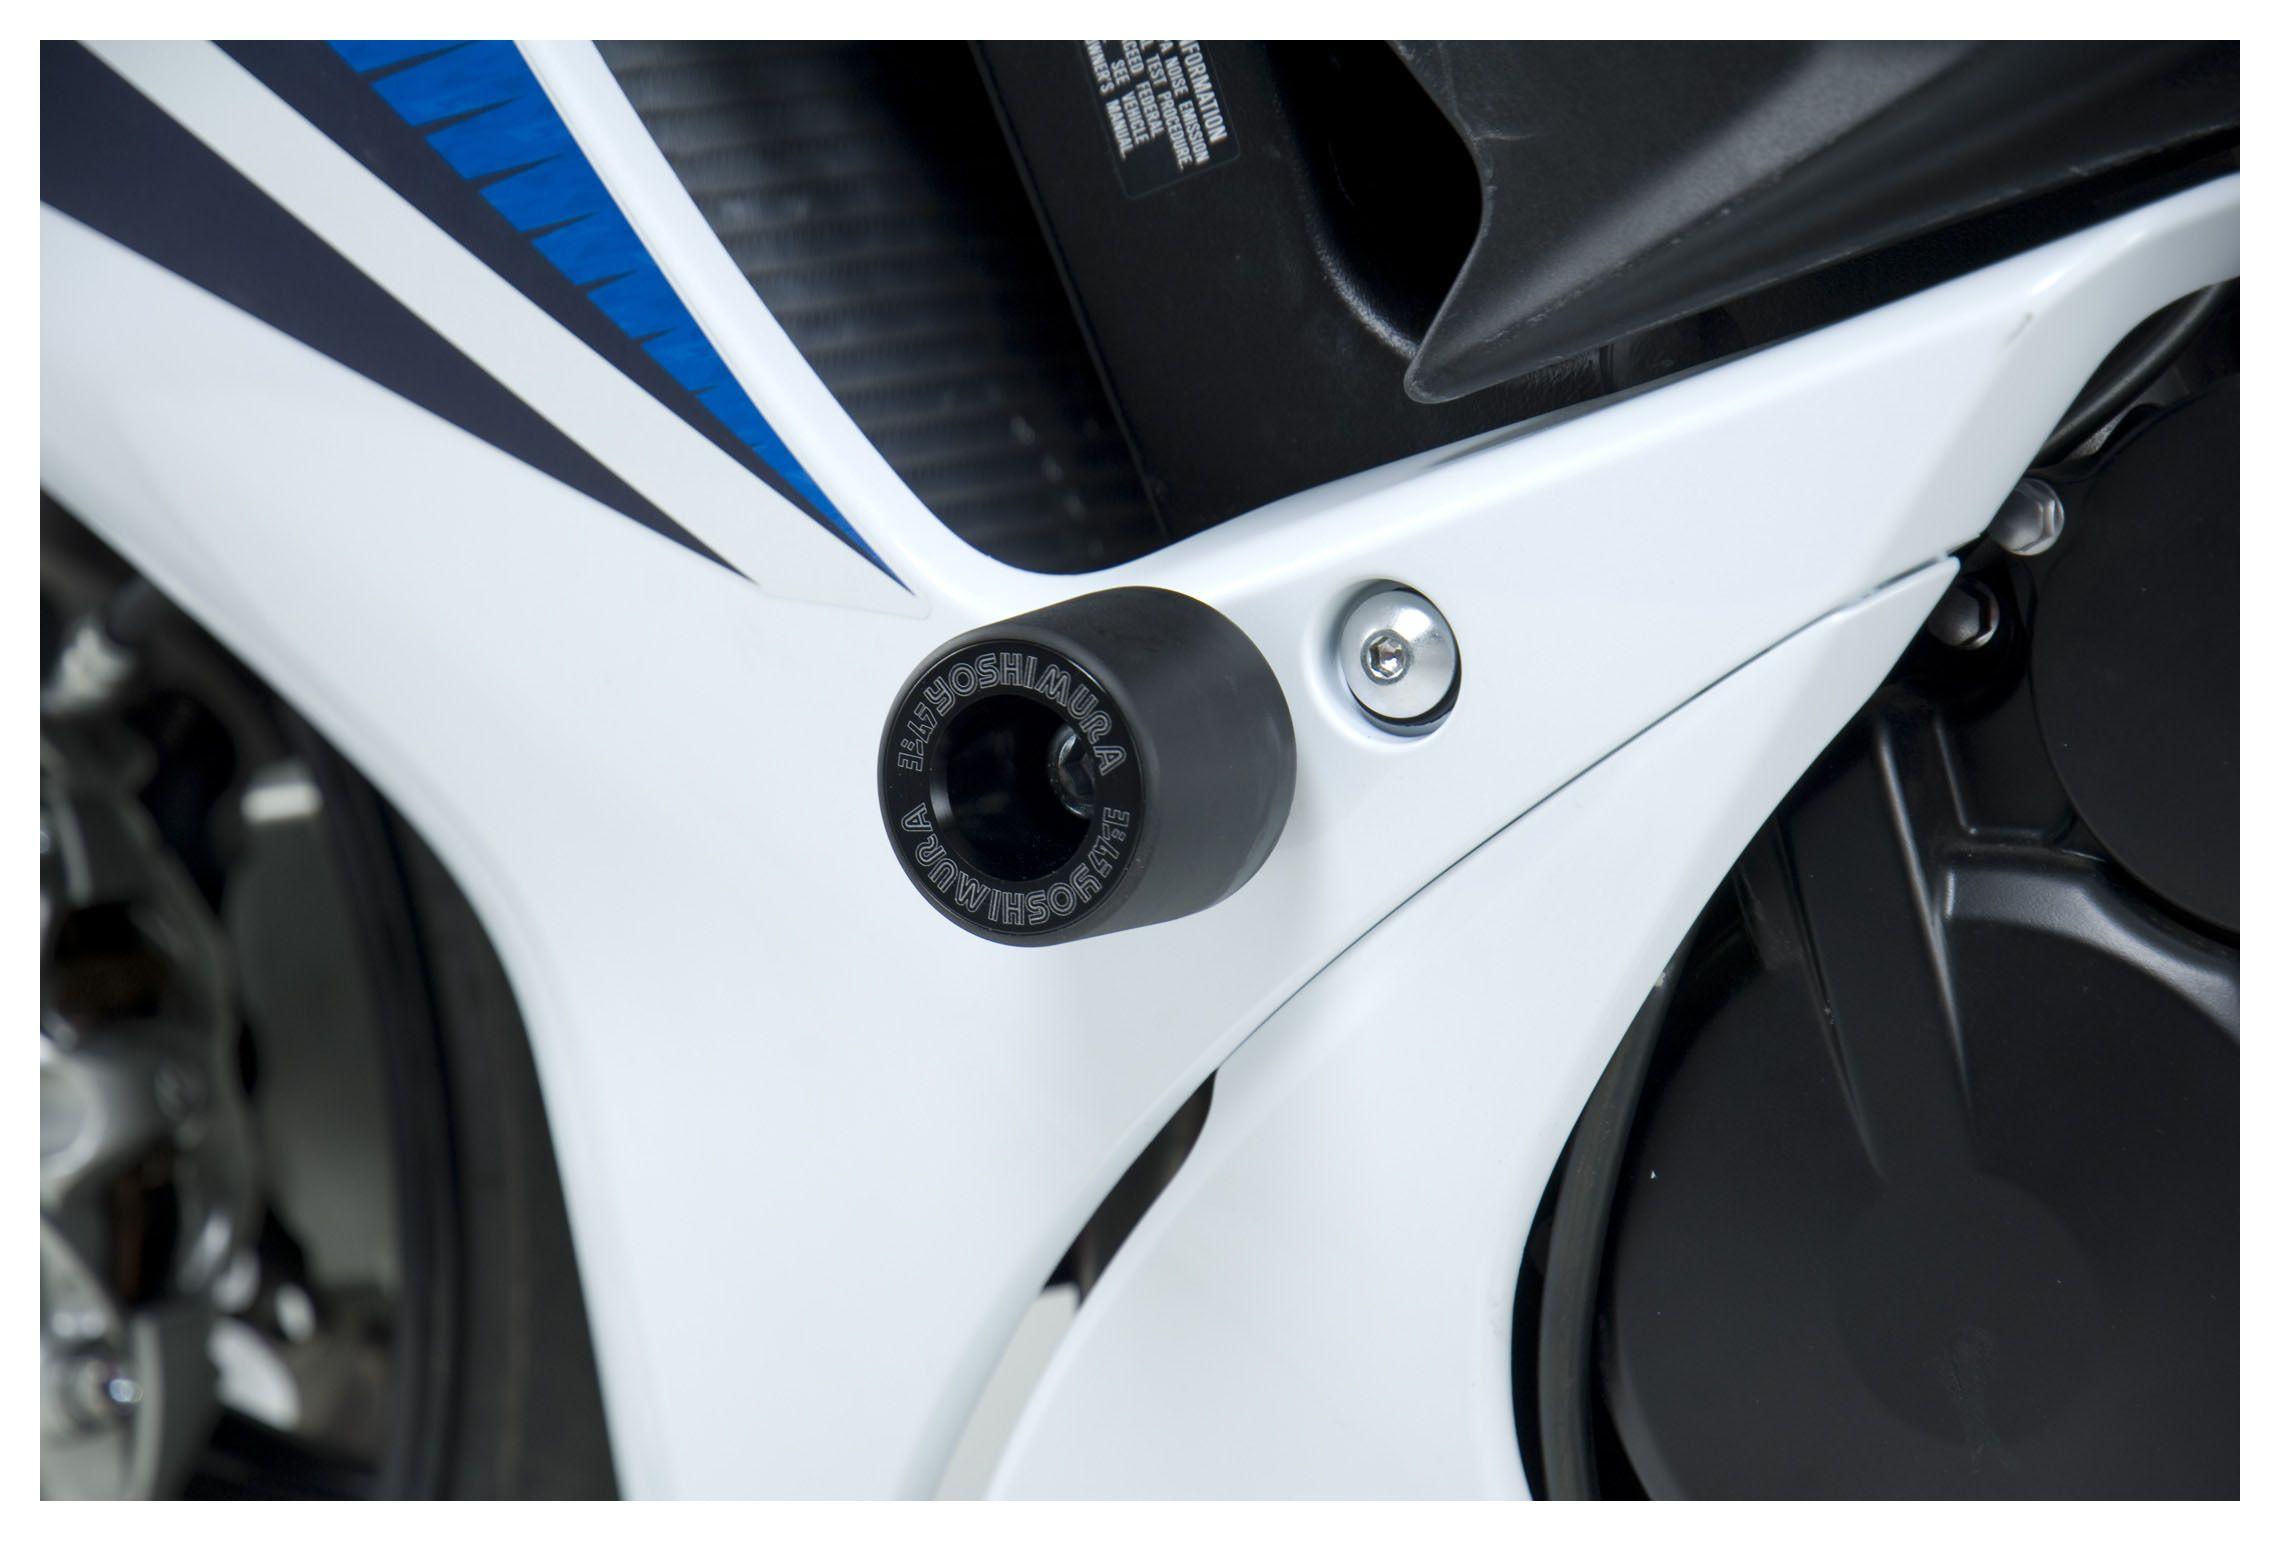 Yoshimura Frame Sliders Suzuki GSXR 600 / GSXR 750 2011-2018 - Cycle ...